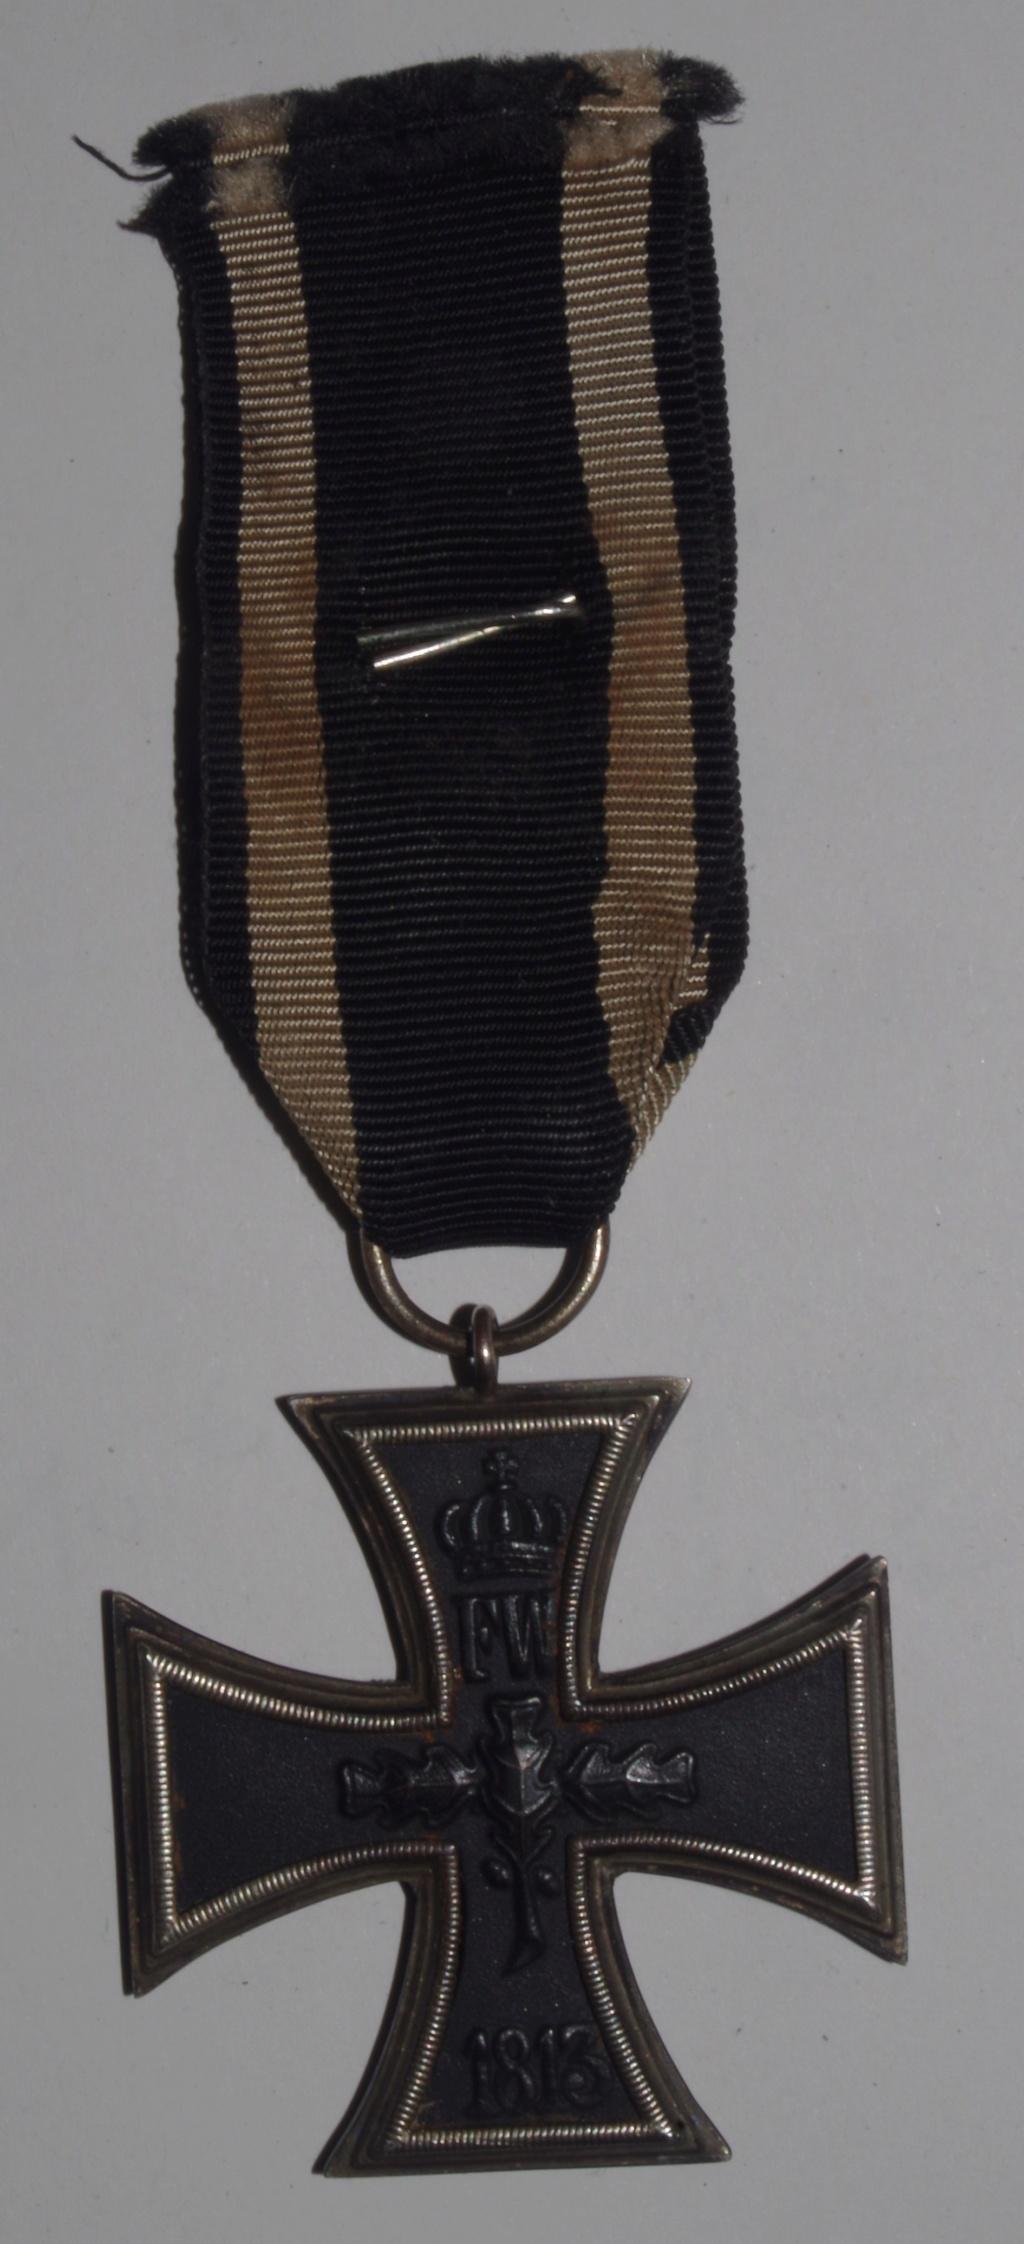 Croix de fer 2ème classe 1870 Imgp3920